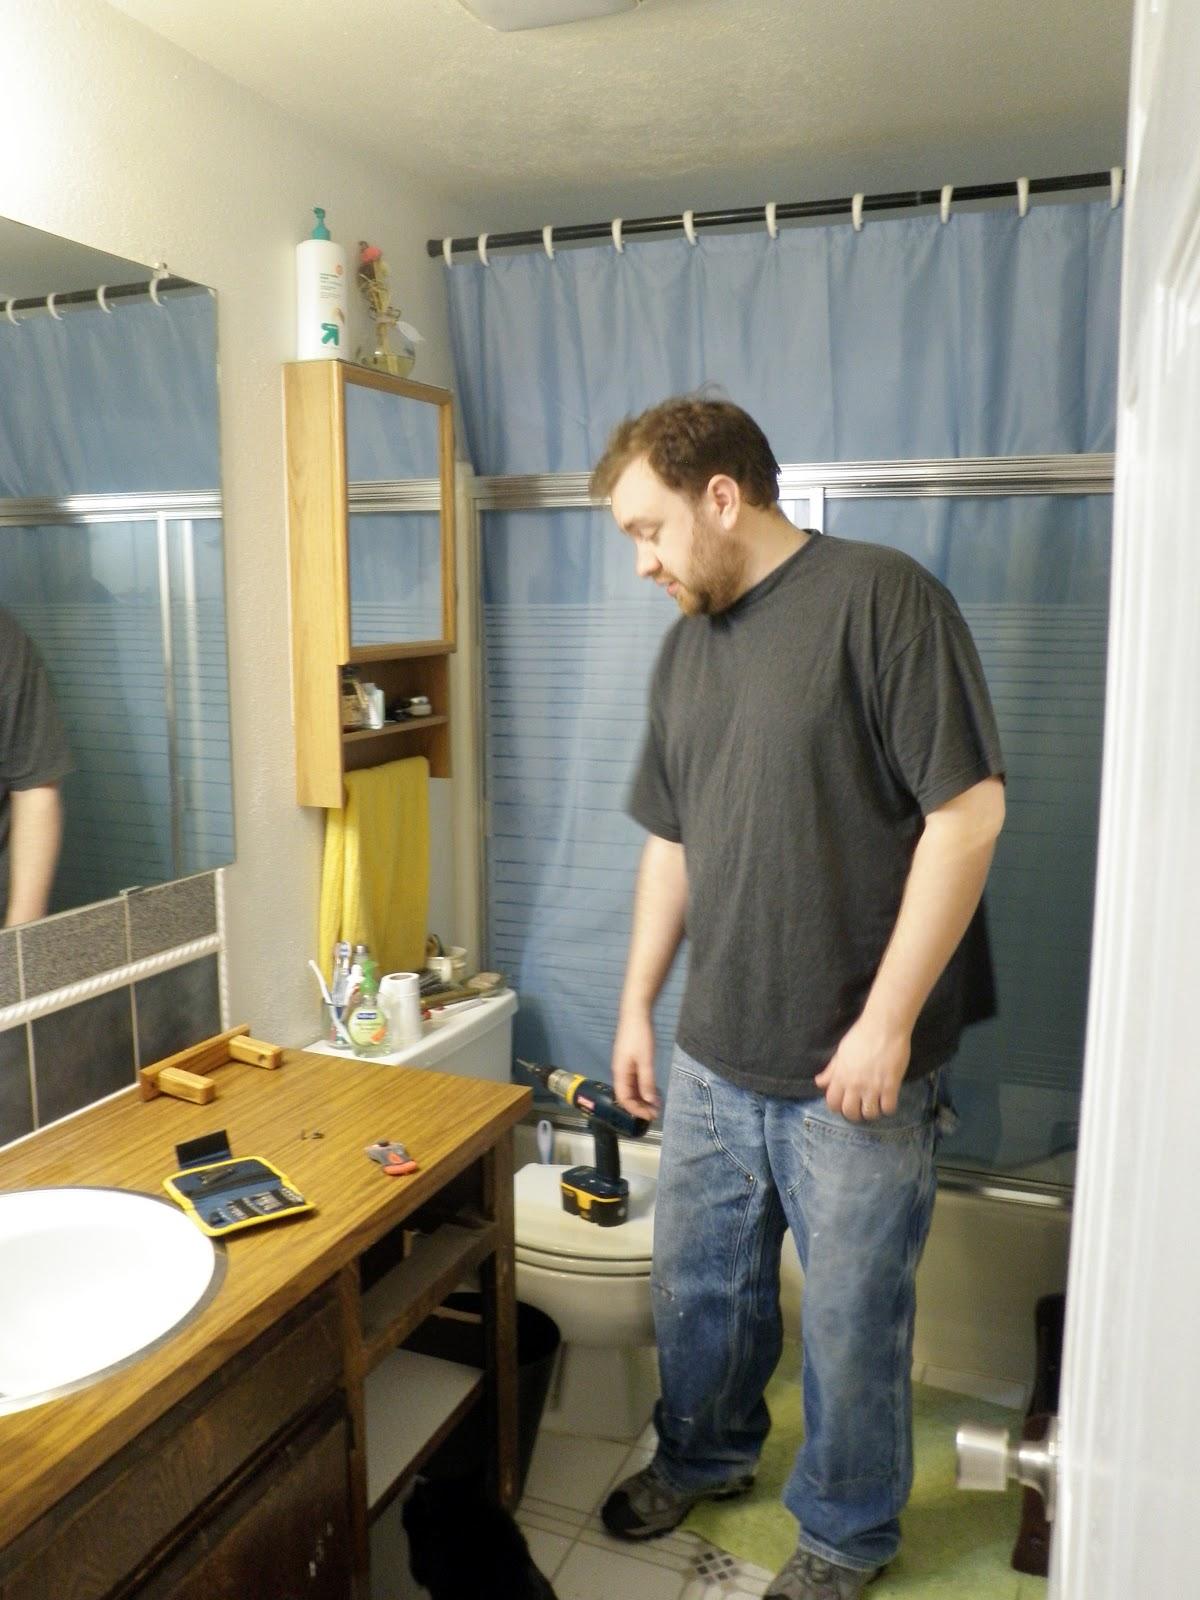 Homelifescience: Quickie Bathroom Remodel